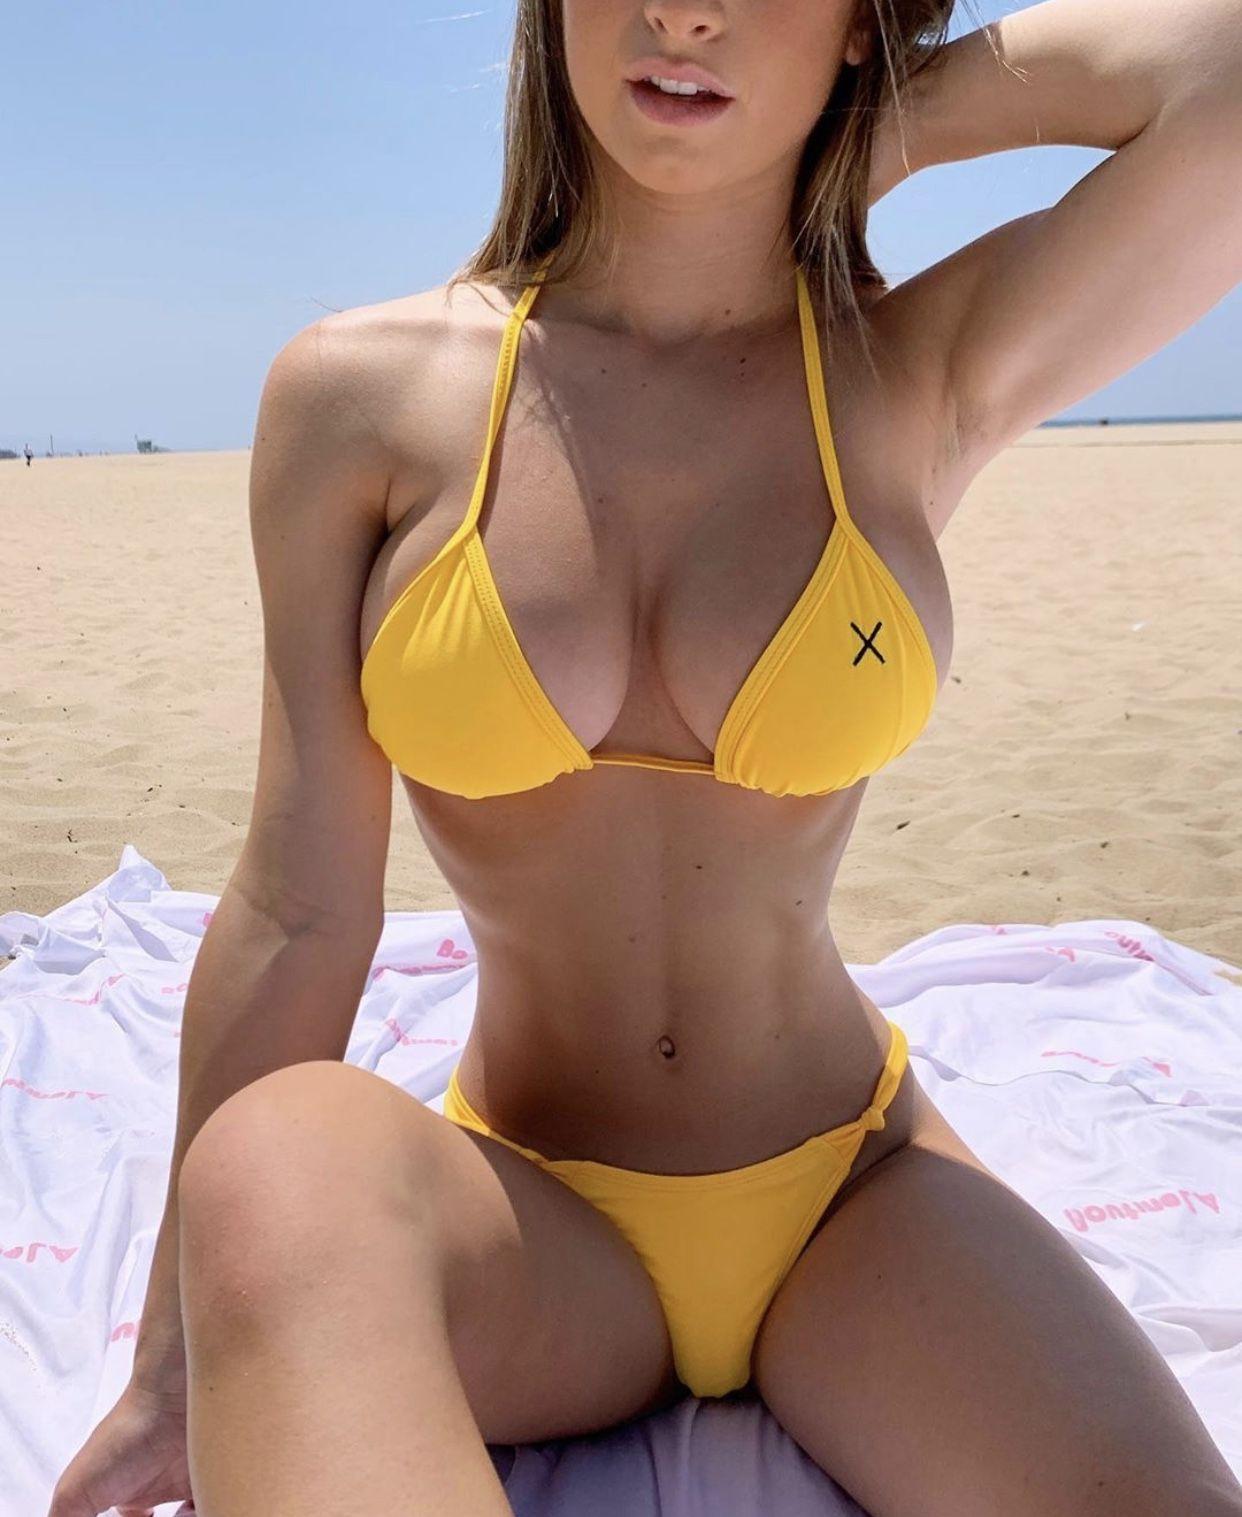 Beauty on the beach in yellow bikini